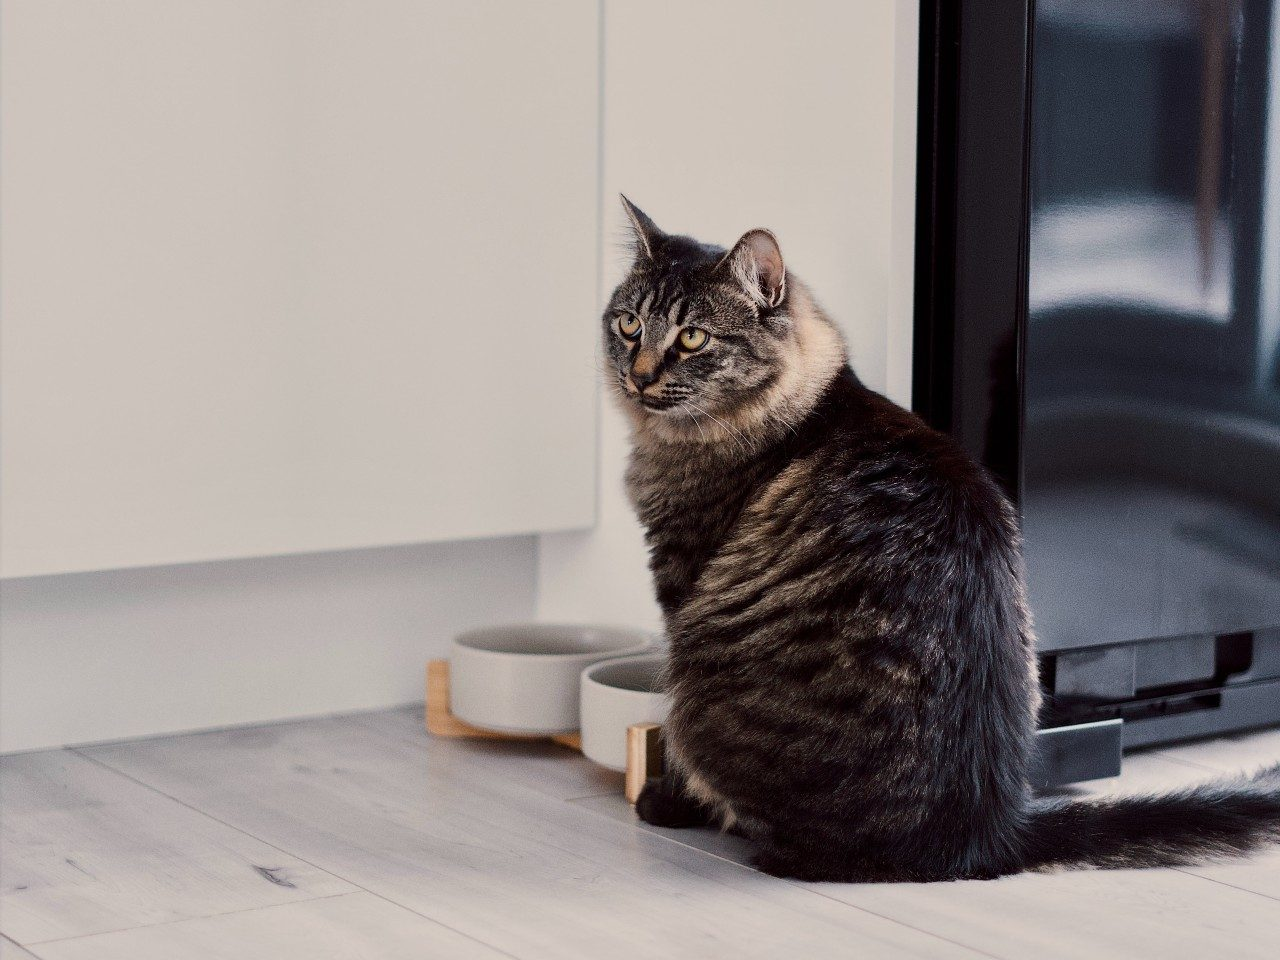 cat food at bowl